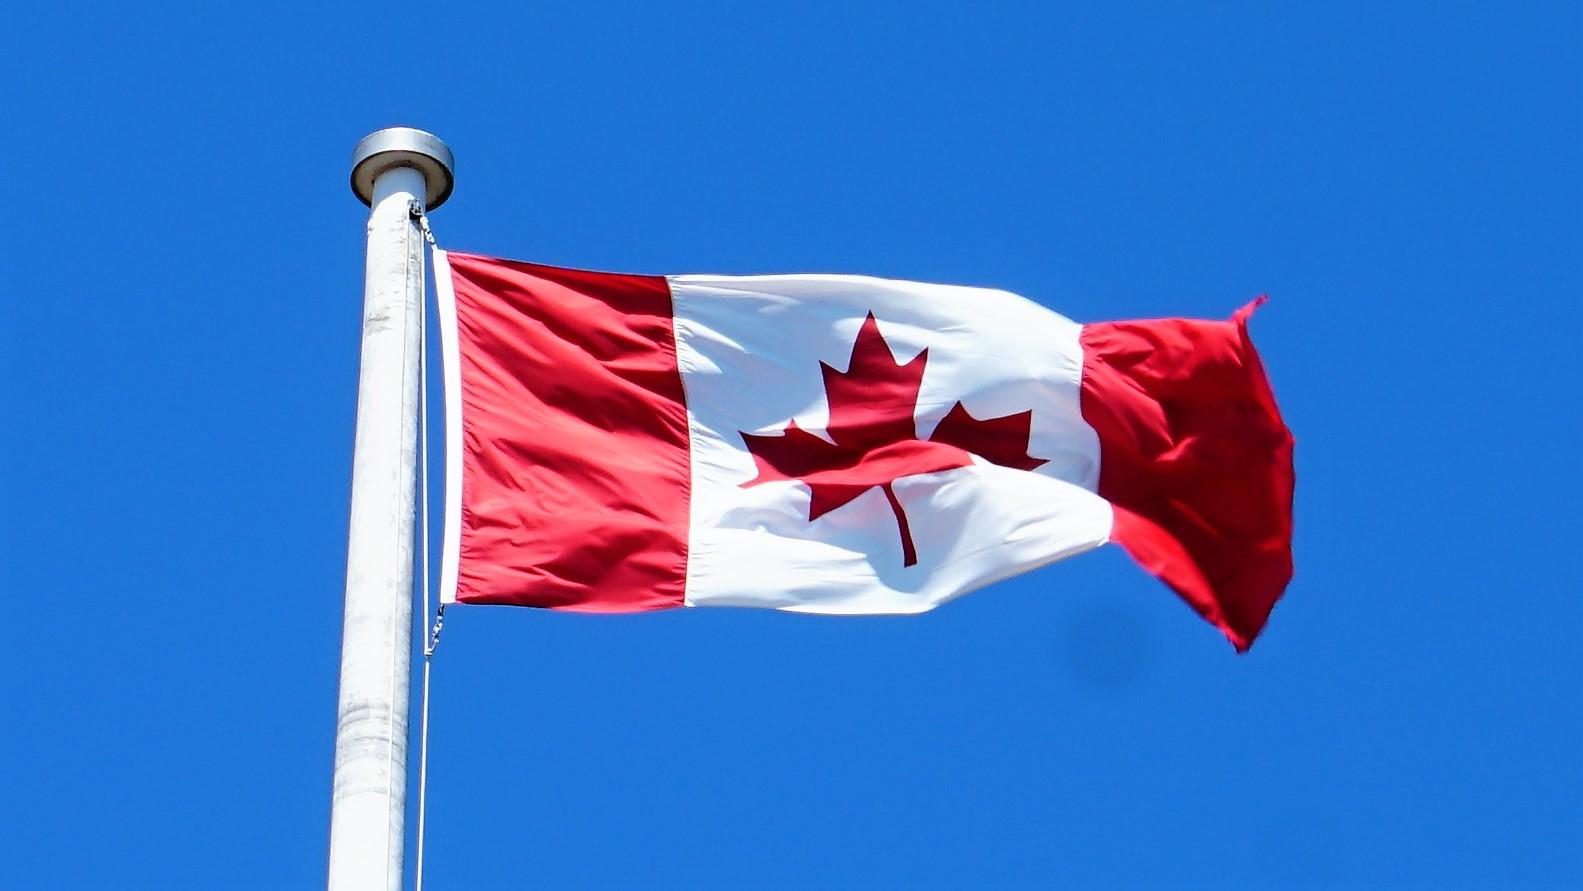 Pic 2019-0701 01 Victoria on Canada Day (58) e